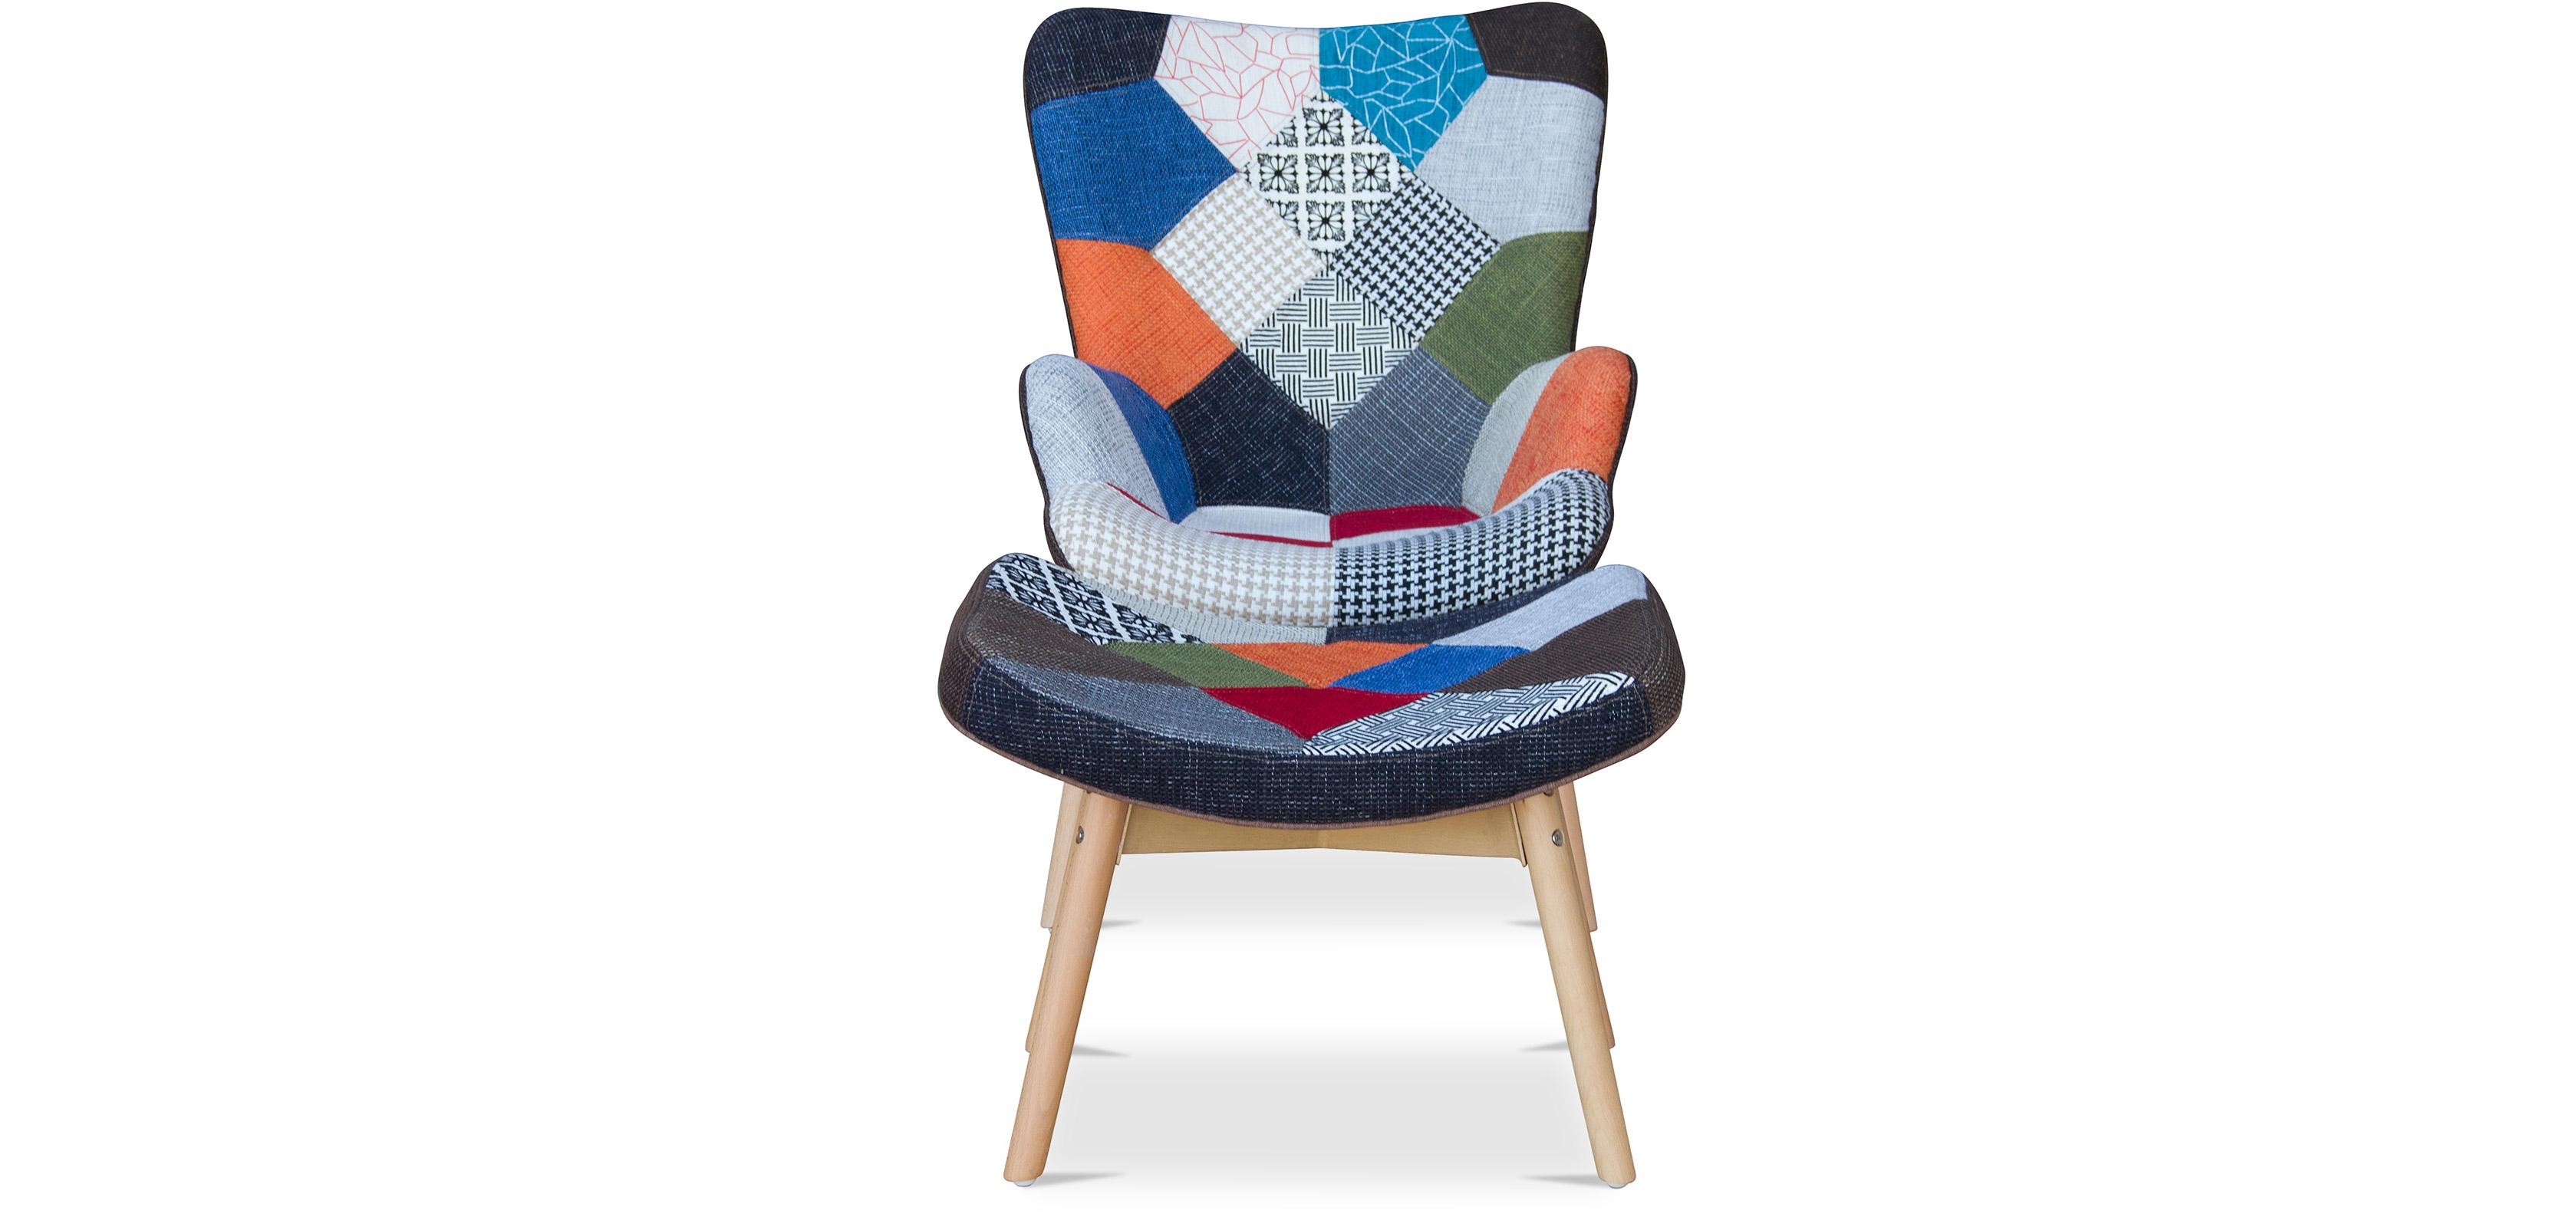 fauteuil avec repose pieds contour patchwork design scandinave grant featherston style - Fauteuil Scandinave Avec Repose Pied